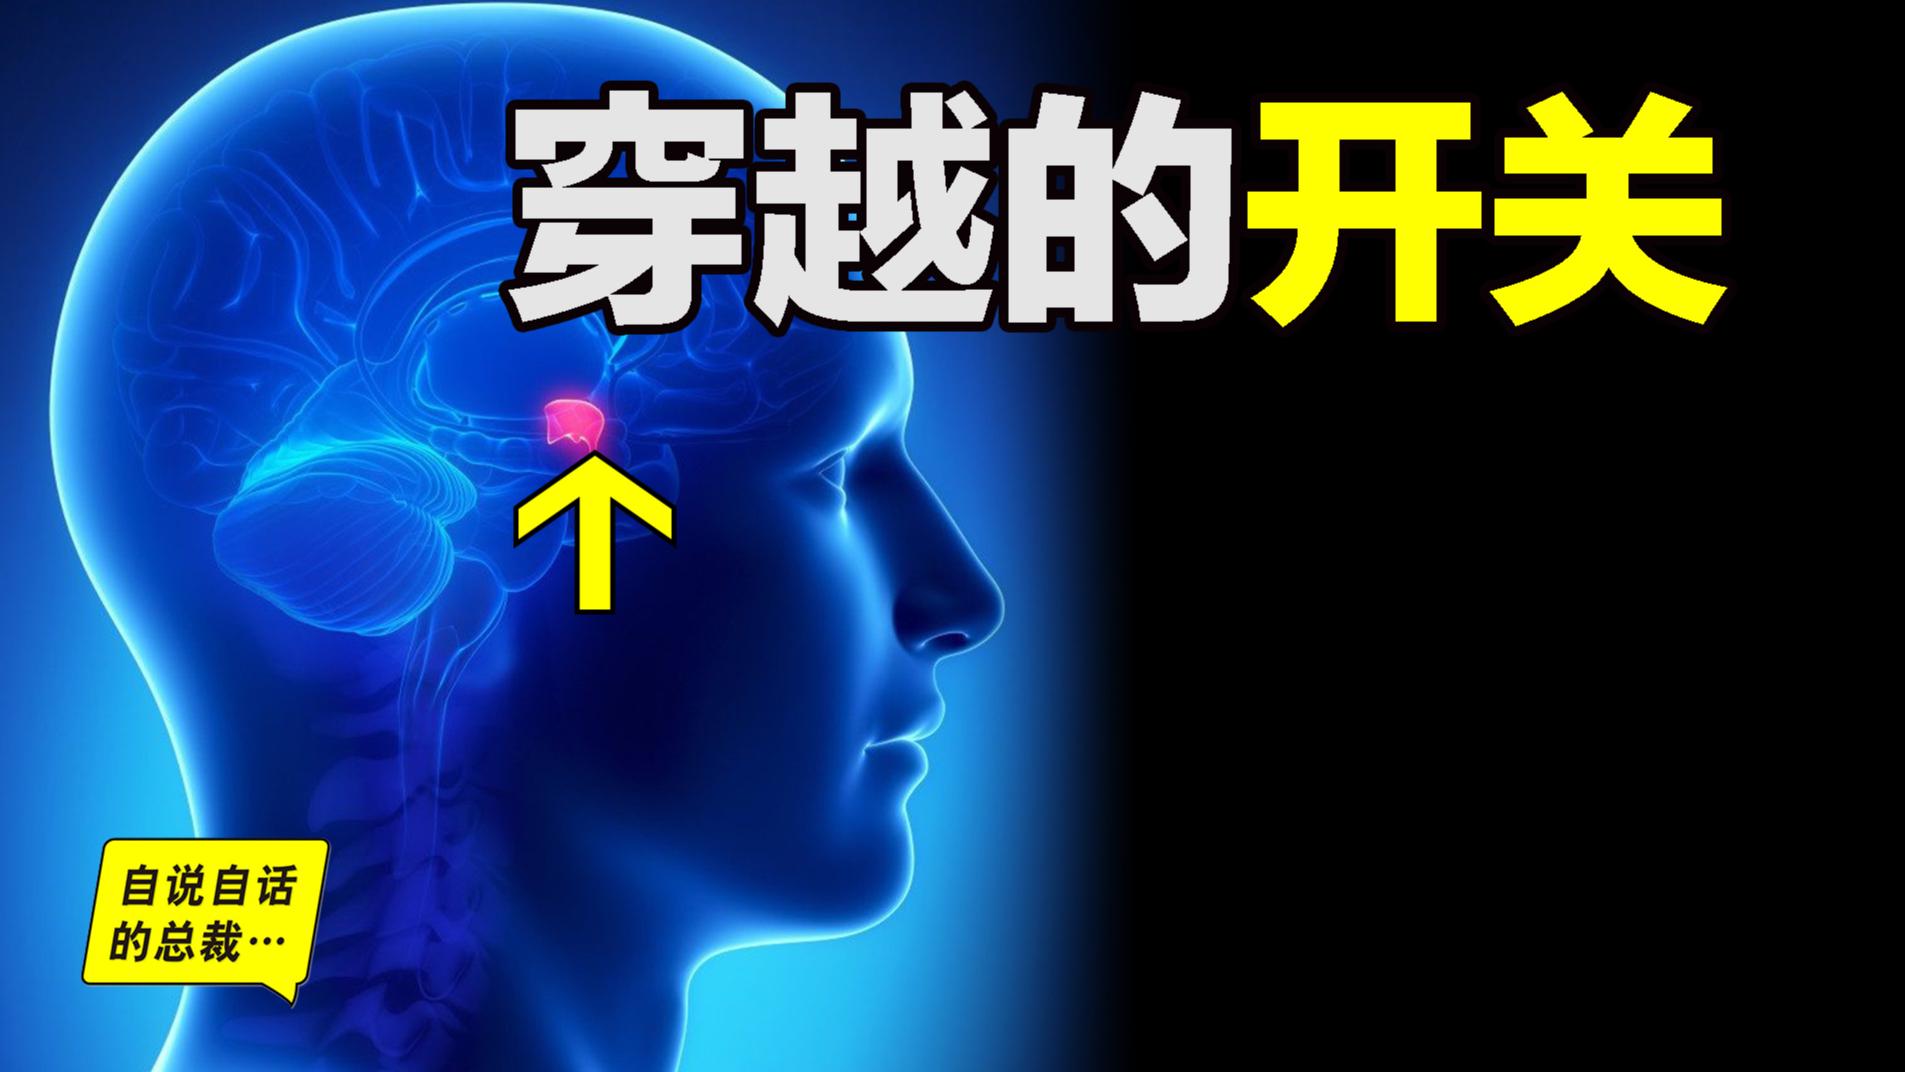 穿越到未来的开关,就在你到大脑中,其中还隐藏着世界的真相⋯⋯